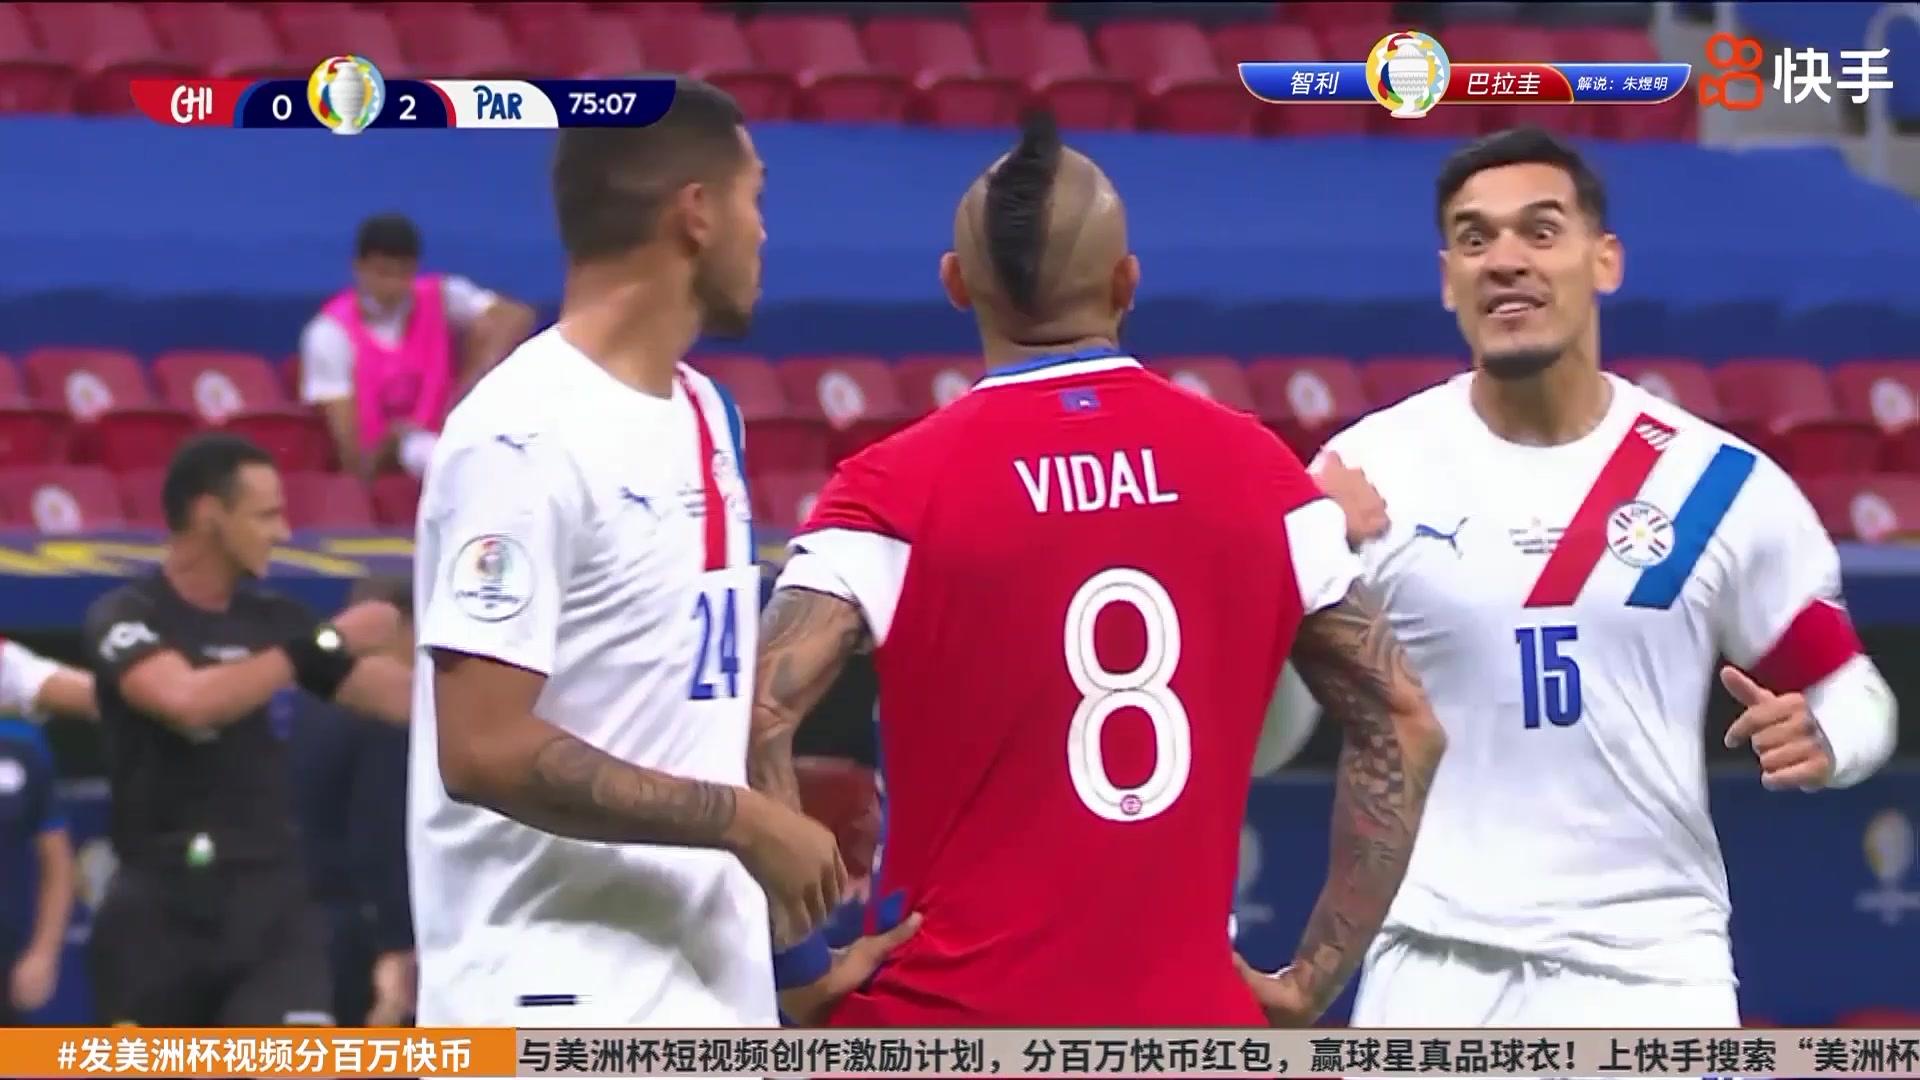 【快手集锦】美洲杯-阿尔米隆传射 巴拉圭2-0力克智利